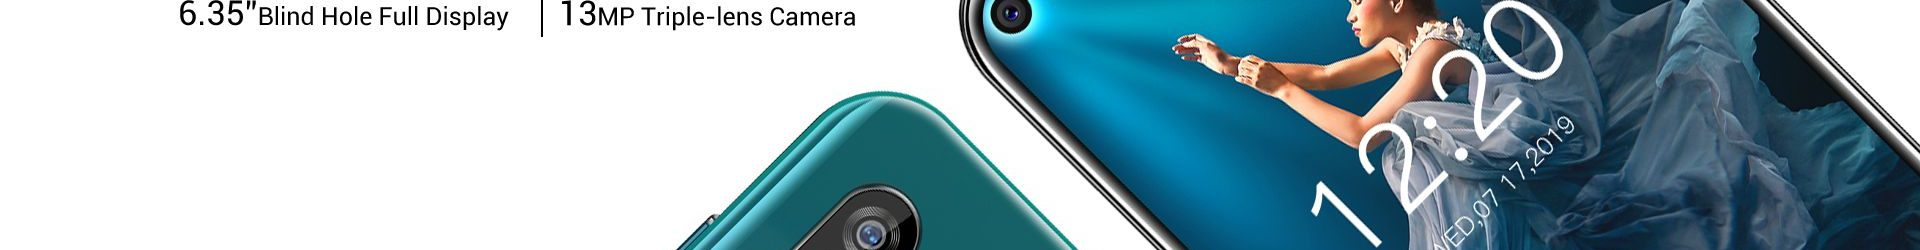 Oukitel C17 Pro: anche la fascia bassa ha il suo smartphone con foro nel display